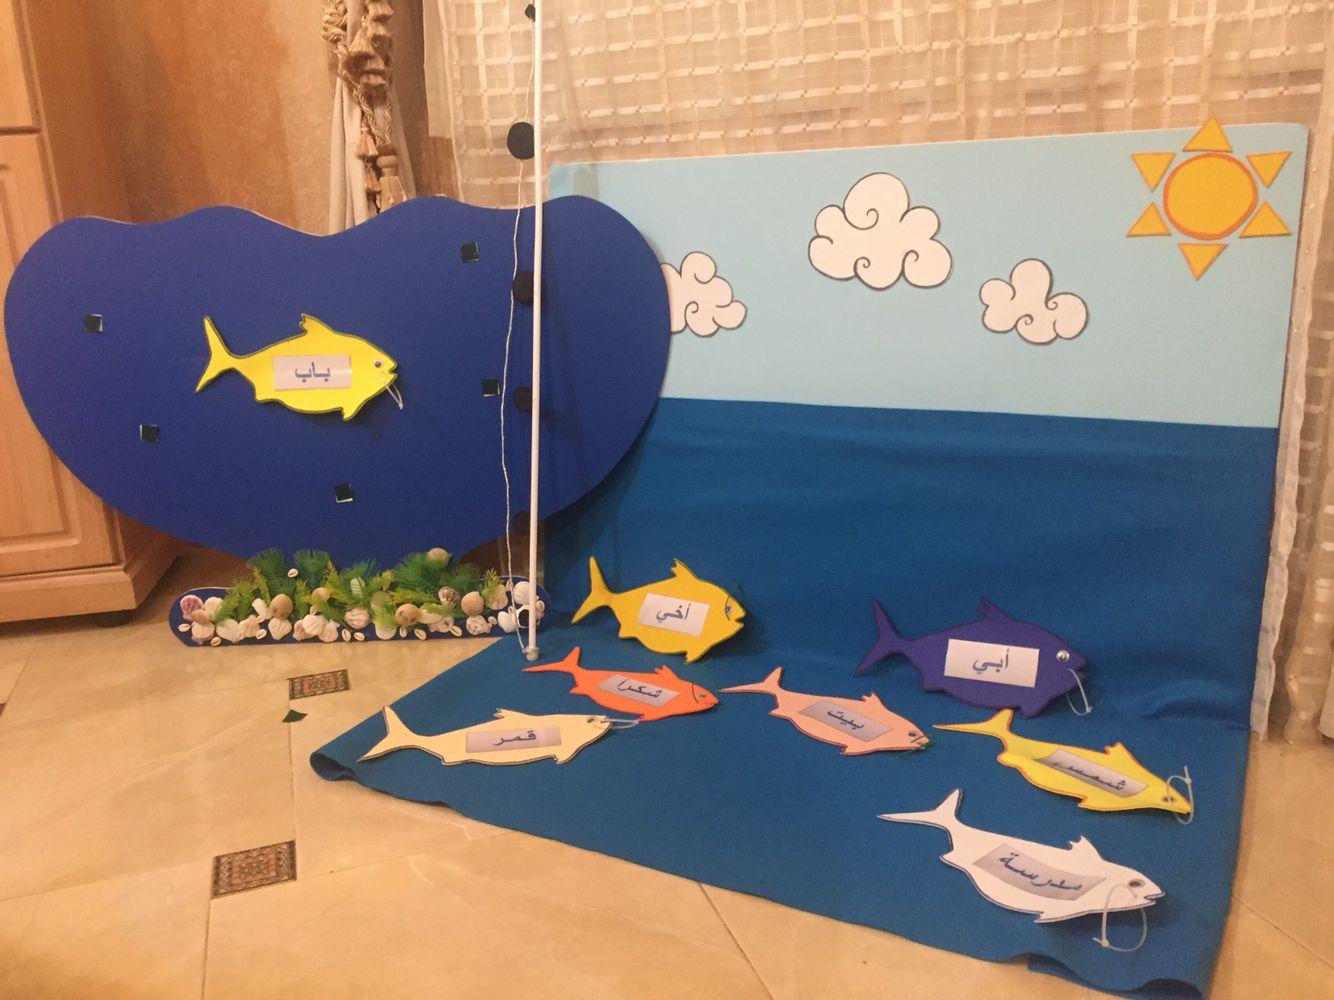 درس مصغر لمهارة التهجئة للكلمات الاكثر تكرارا لوحة عبارة عن سماء و بحر وتوجد الاسماك على هذه اللوح Preschool Activities Hygiene Activities Kids Education